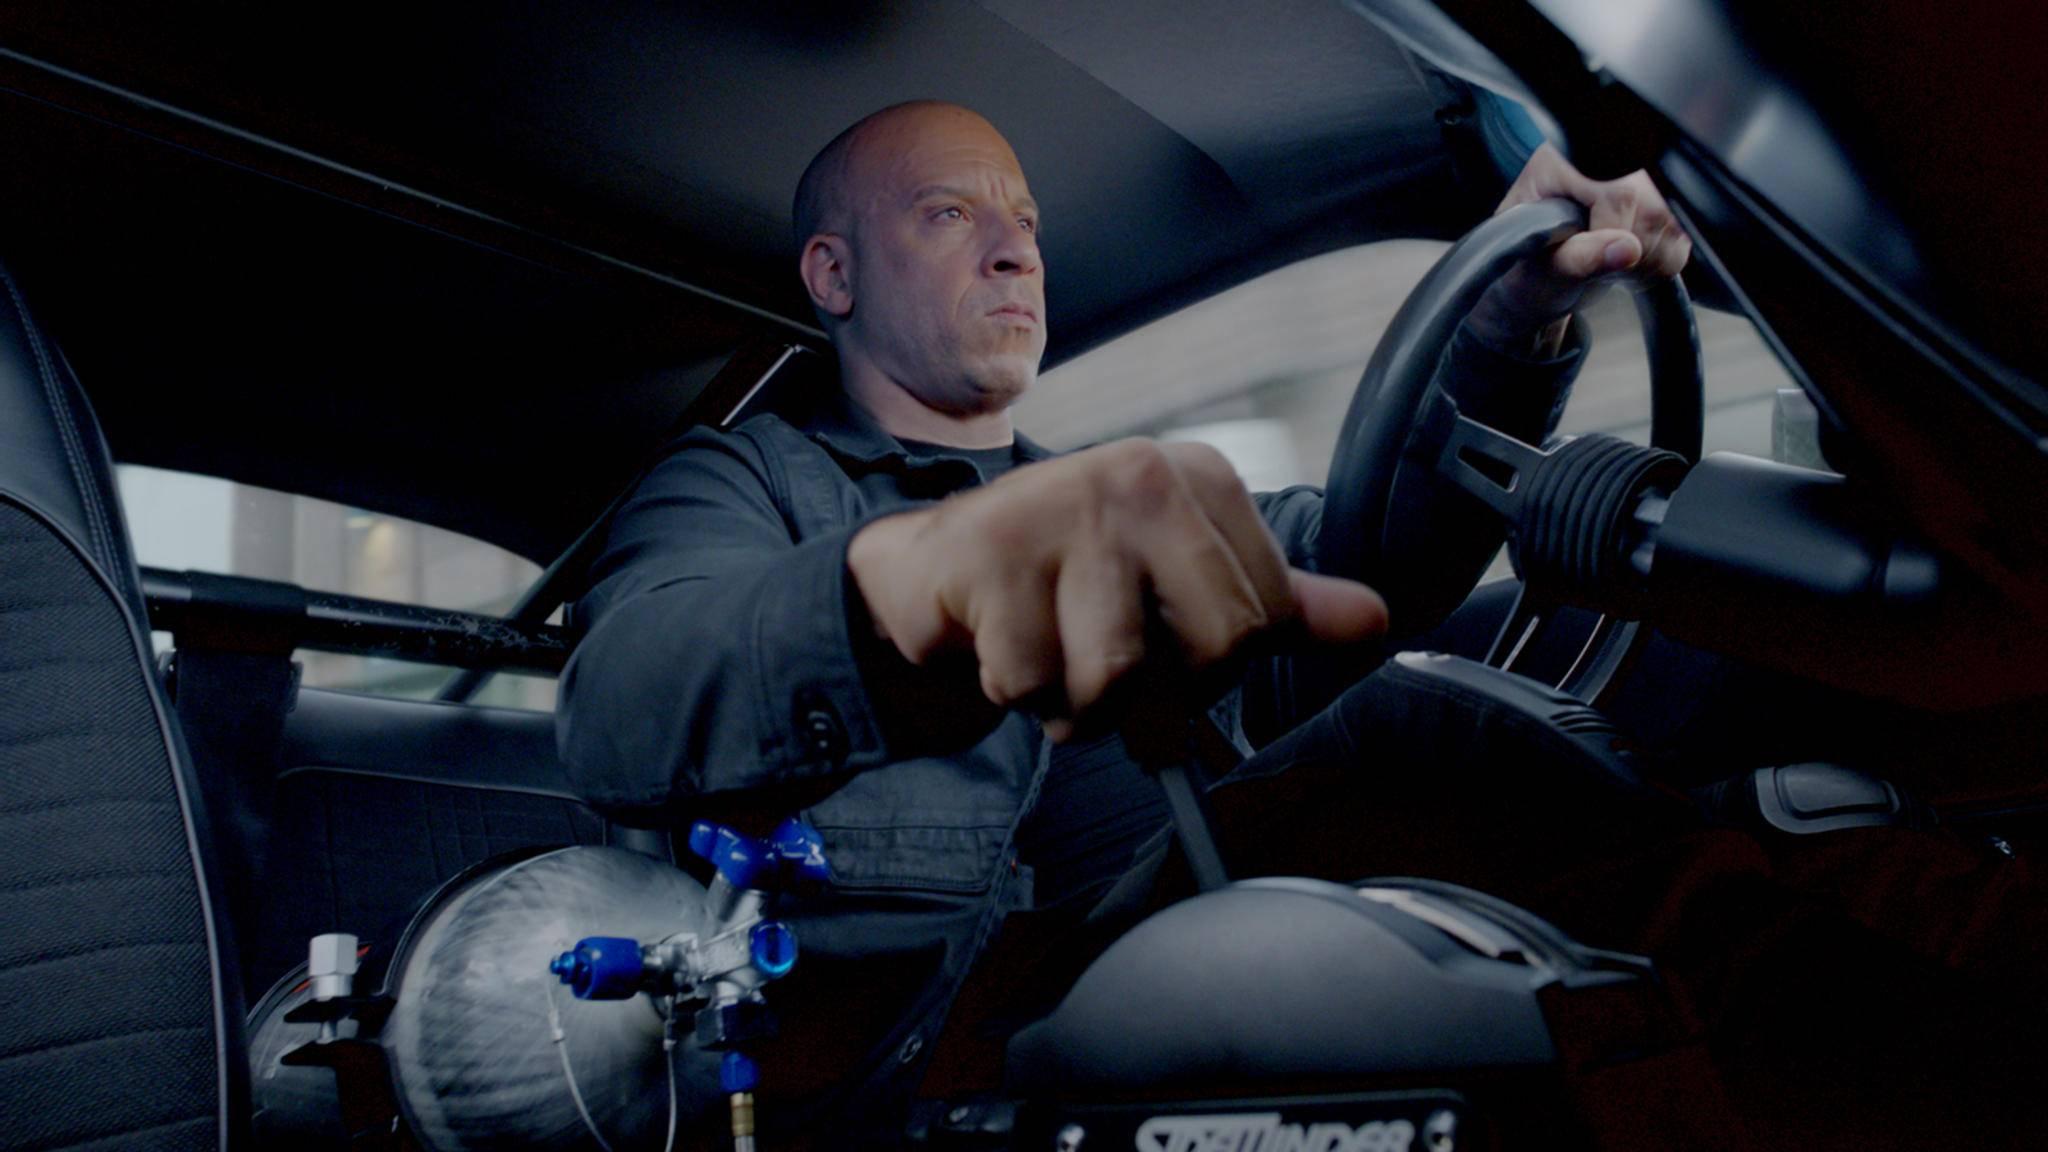 """Mit Vollgas düst Dom (Vin Diesel) auf sein nächstes Abenteuer zu: """"Fast and Furious 9"""" ist bereits bestätigt."""